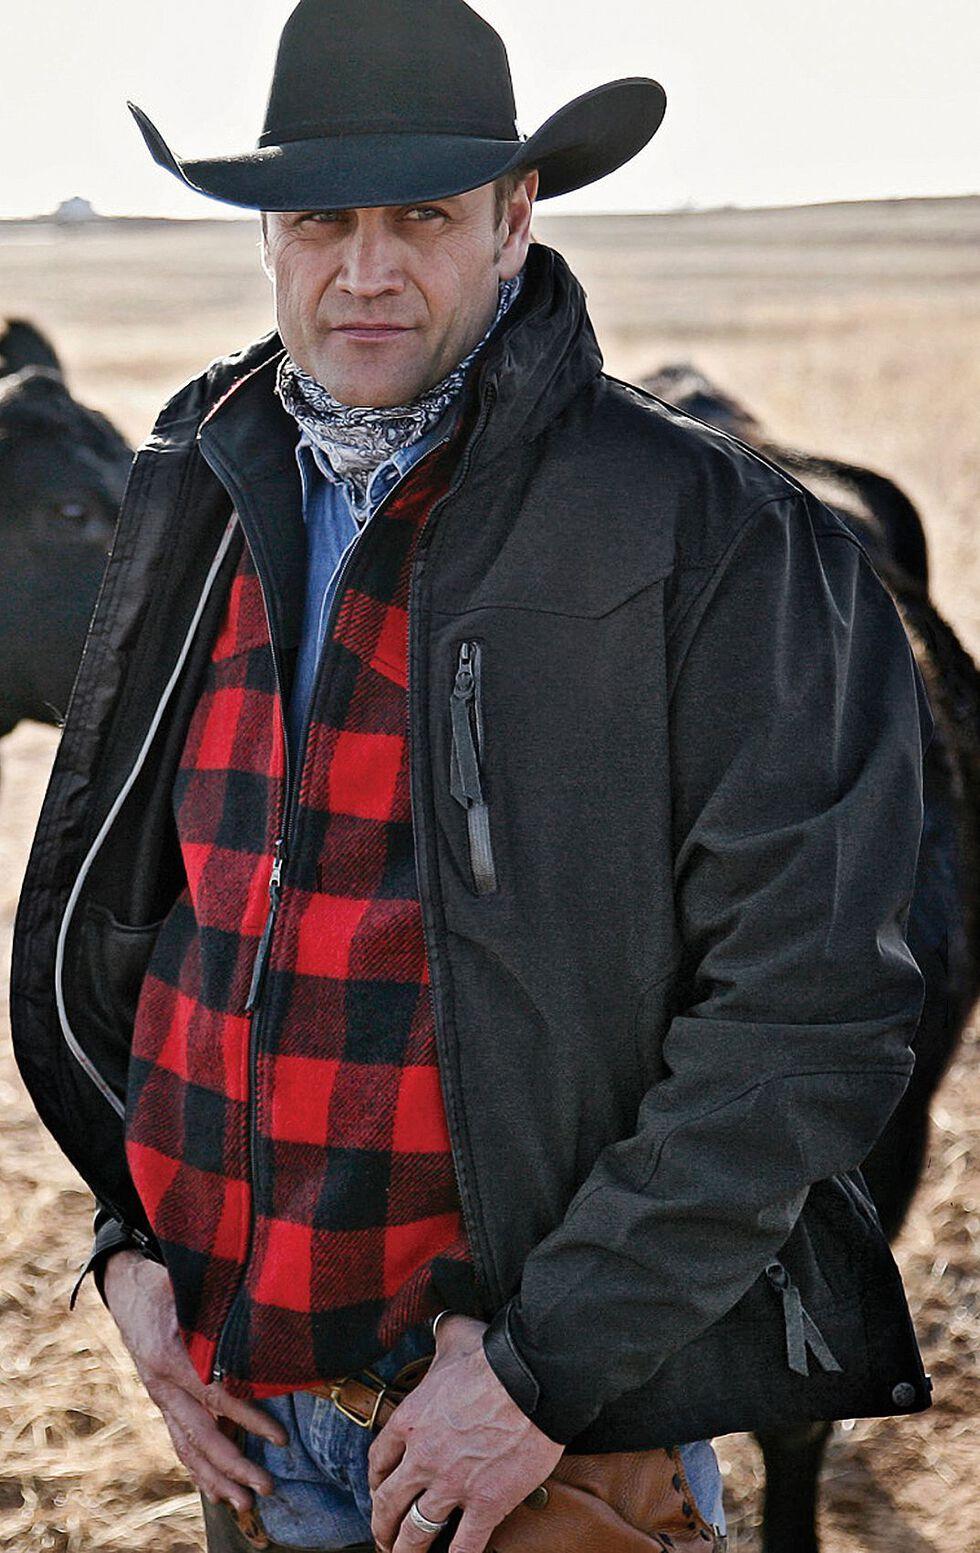 STS Ranchwear Men's Young Gun Black Jacket - Big & Tall - 2XL-3XL, Black, hi-res